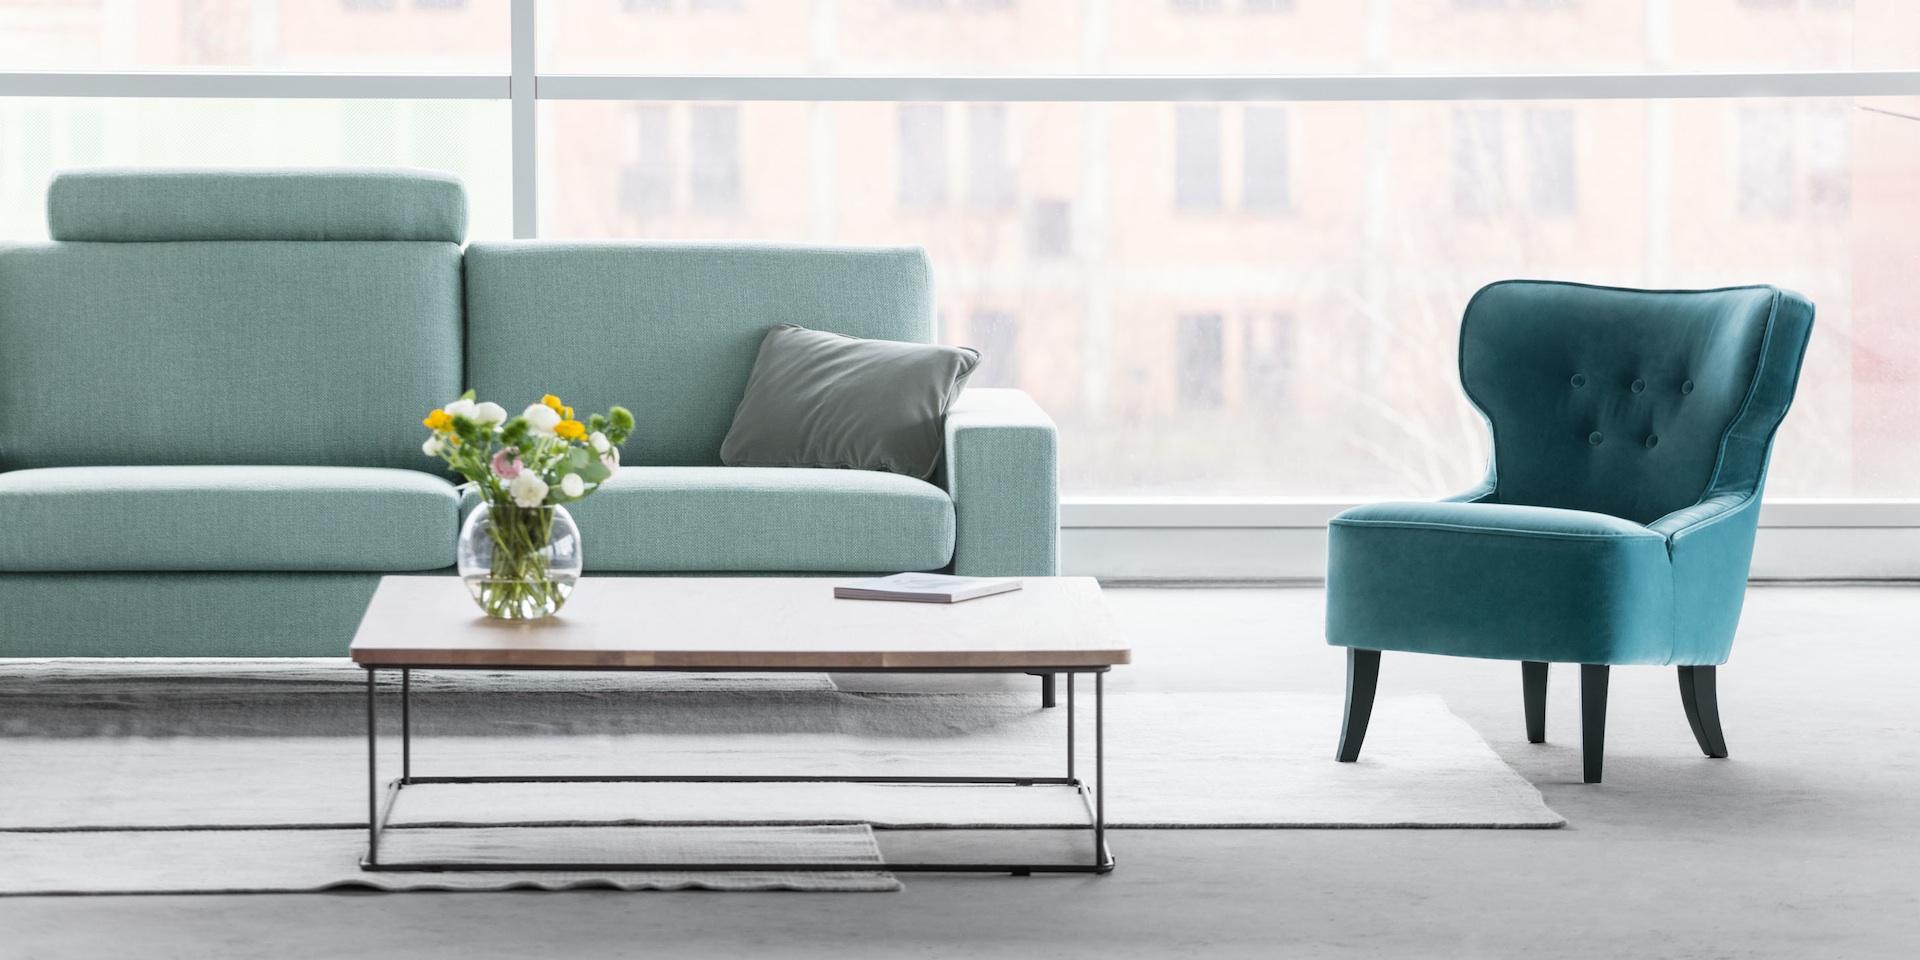 arrangement_QUATTRO_set14_bermuda7_light_turquoise_LISA_armchair_lario1406_turquoise_4